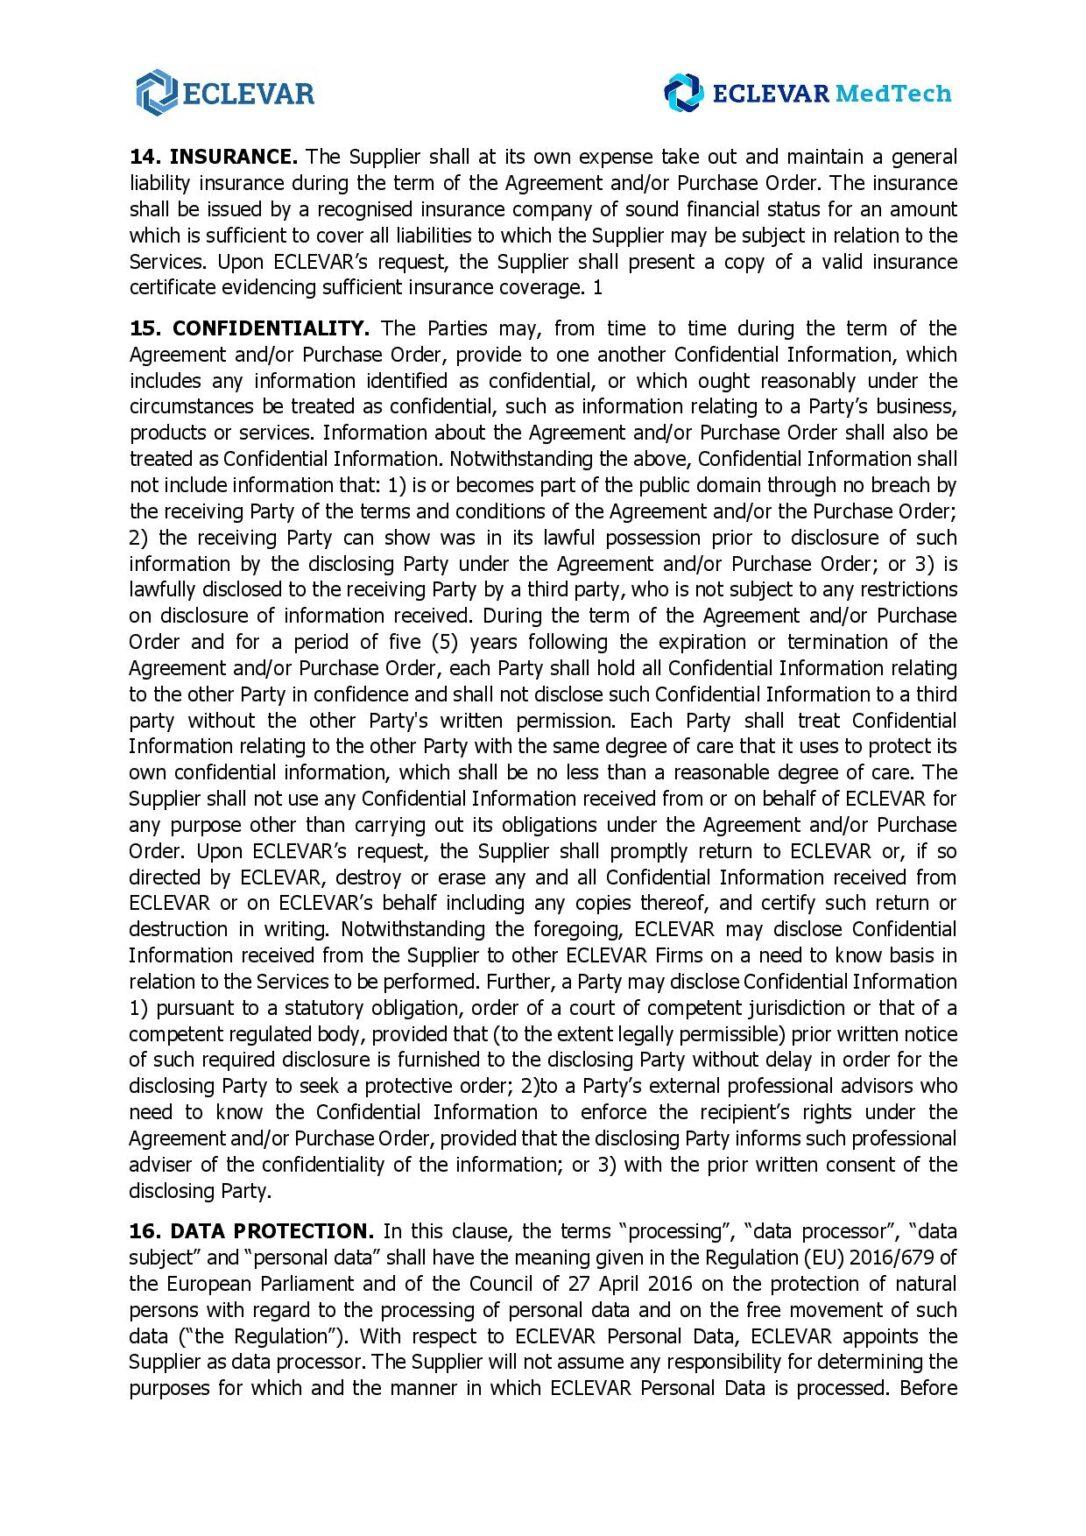 ECLEVAR PROCUREMENT OF SERVICES VAUG 2020_MedTech-page-006